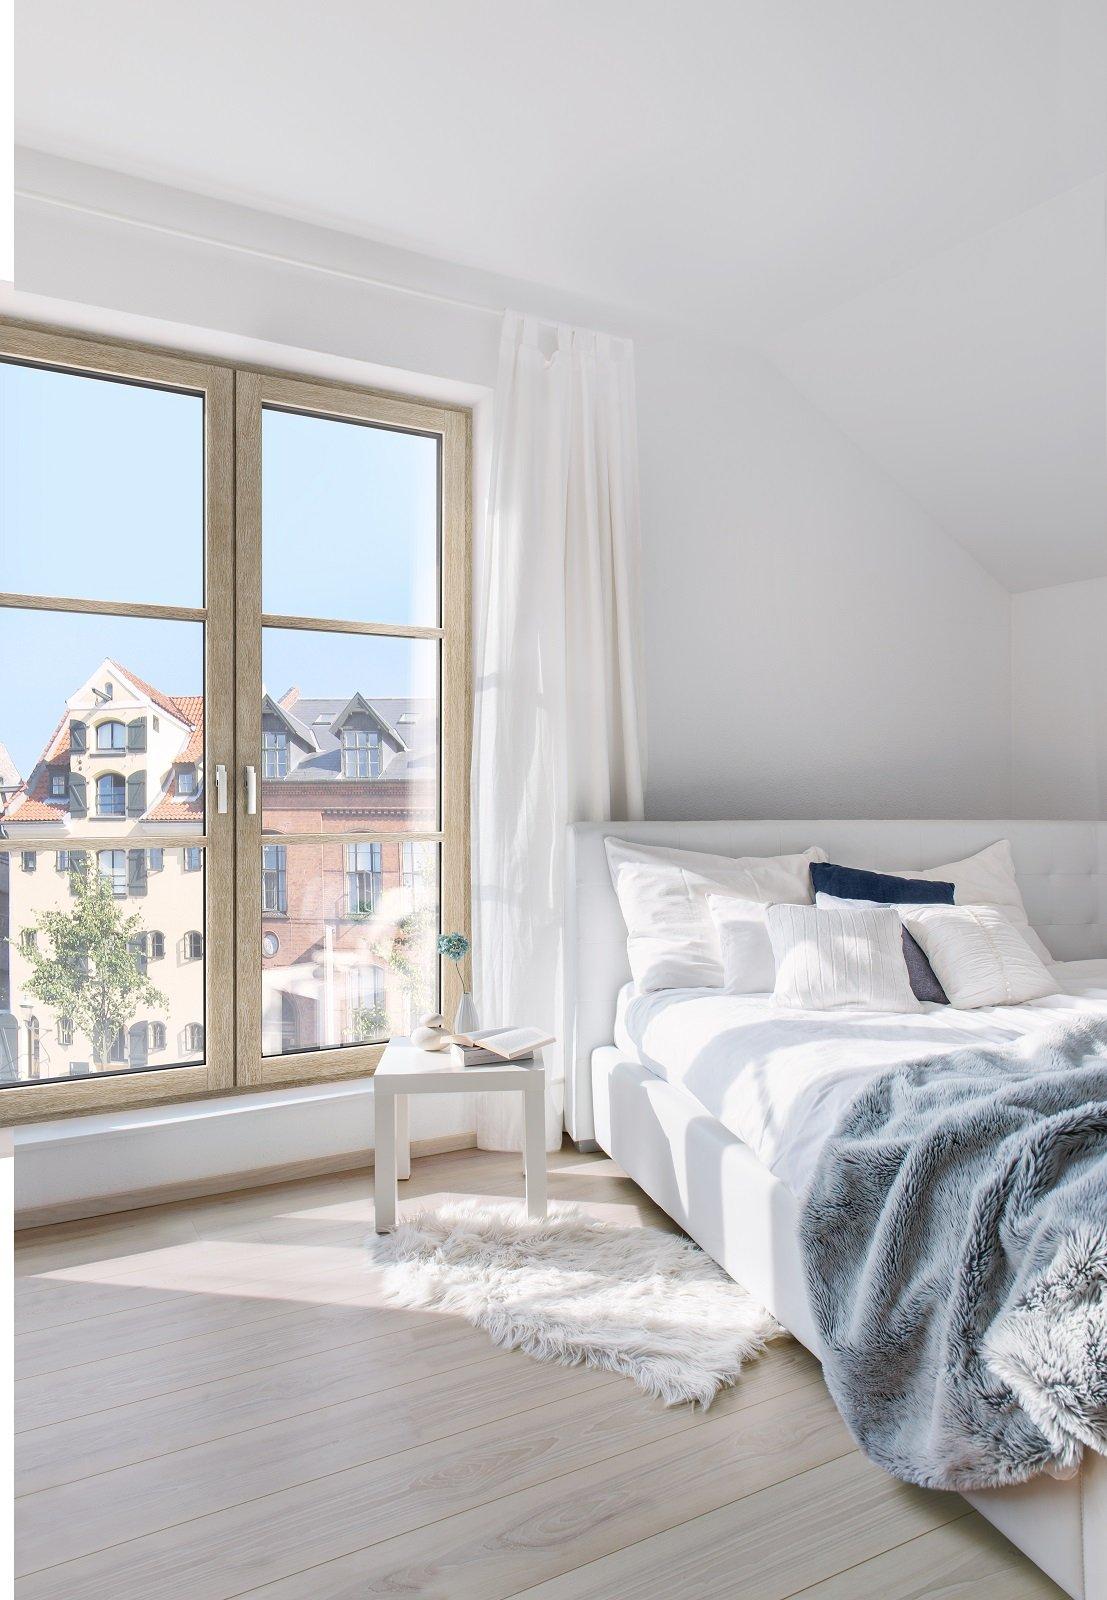 5 internorm hf410 finestre cose di casa - Prezzi finestre internorm ...